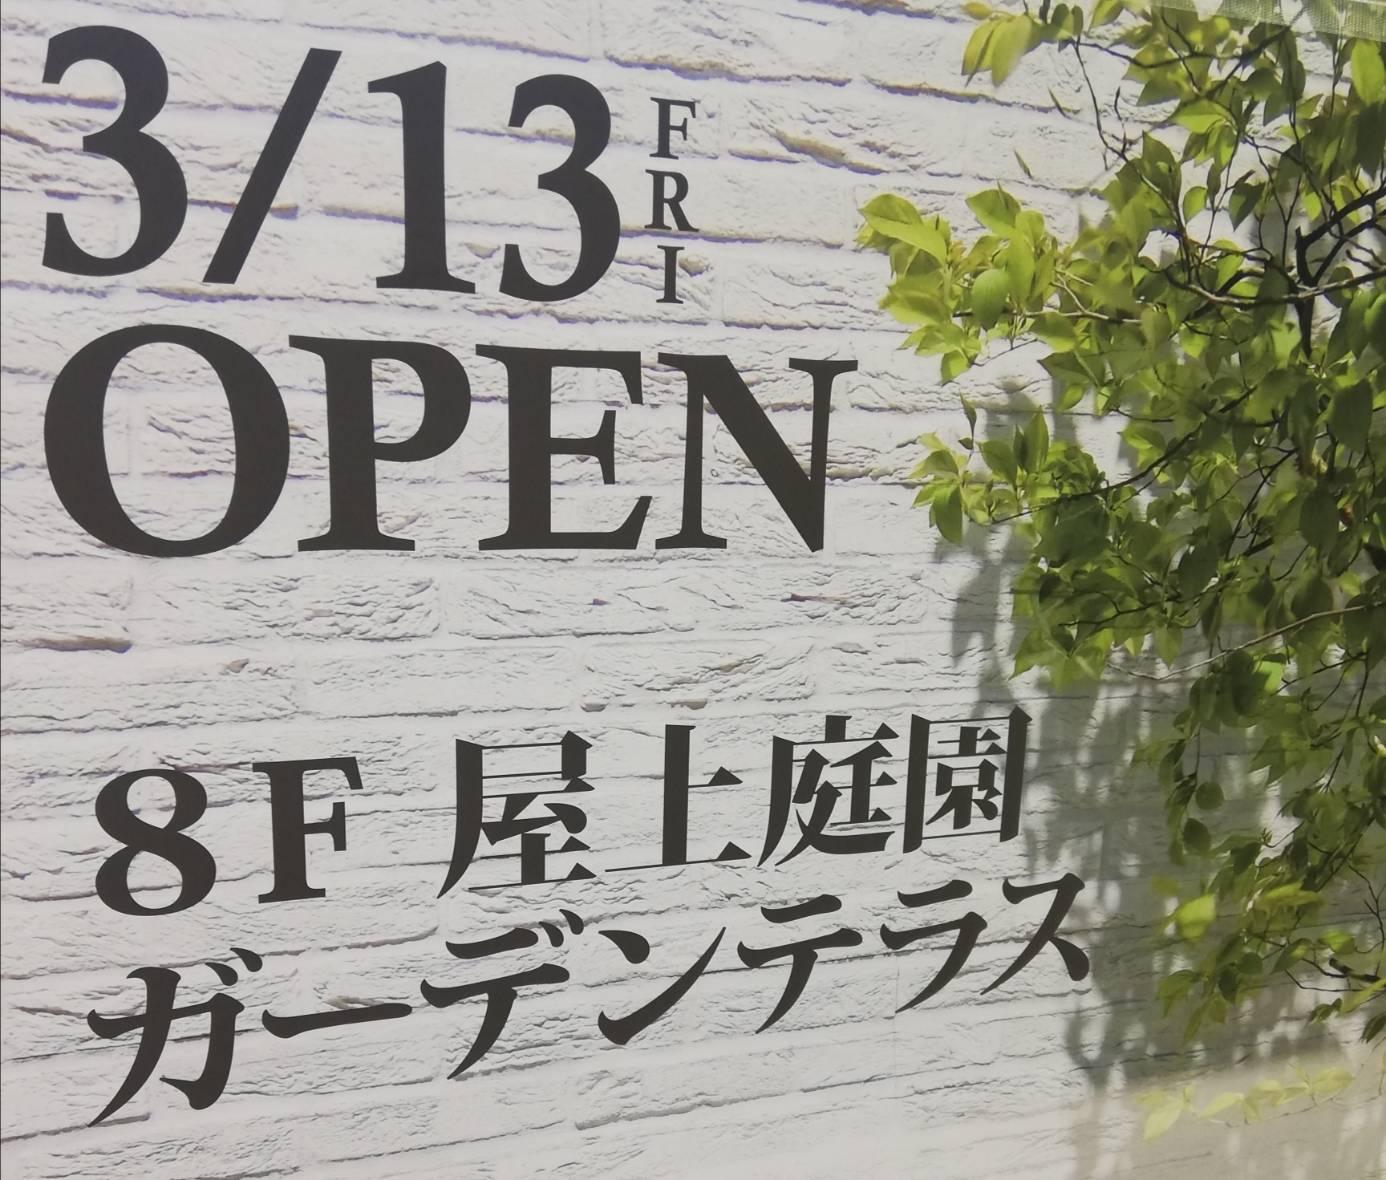 アトレ松戸8階屋上ガーデンテラス